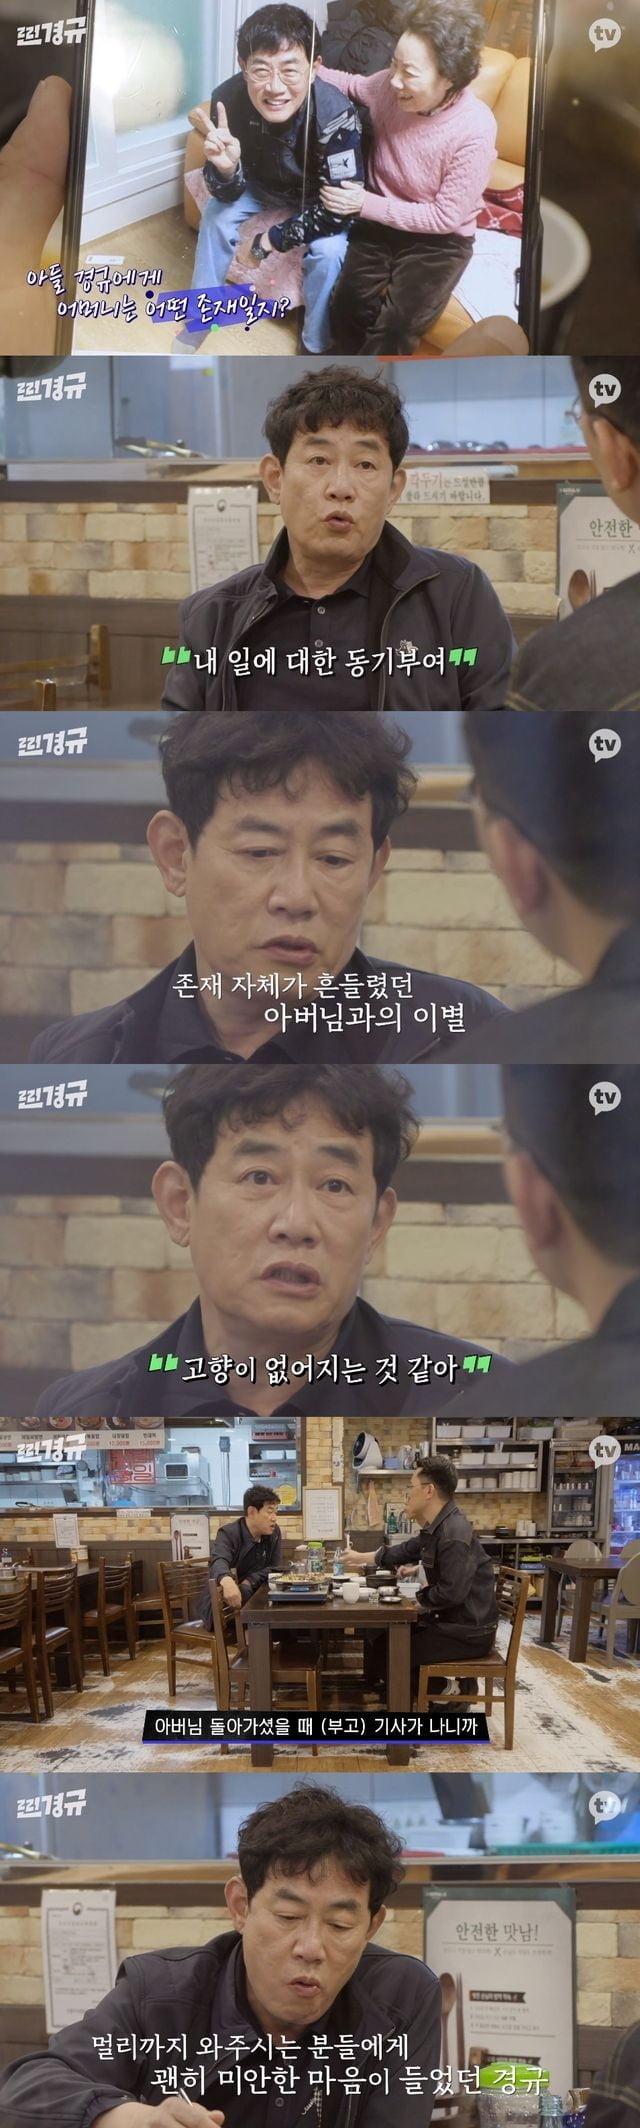 """이경규, 뒤늦게 알린 모친상 """"감정 추스를 시간이 없어"""""""